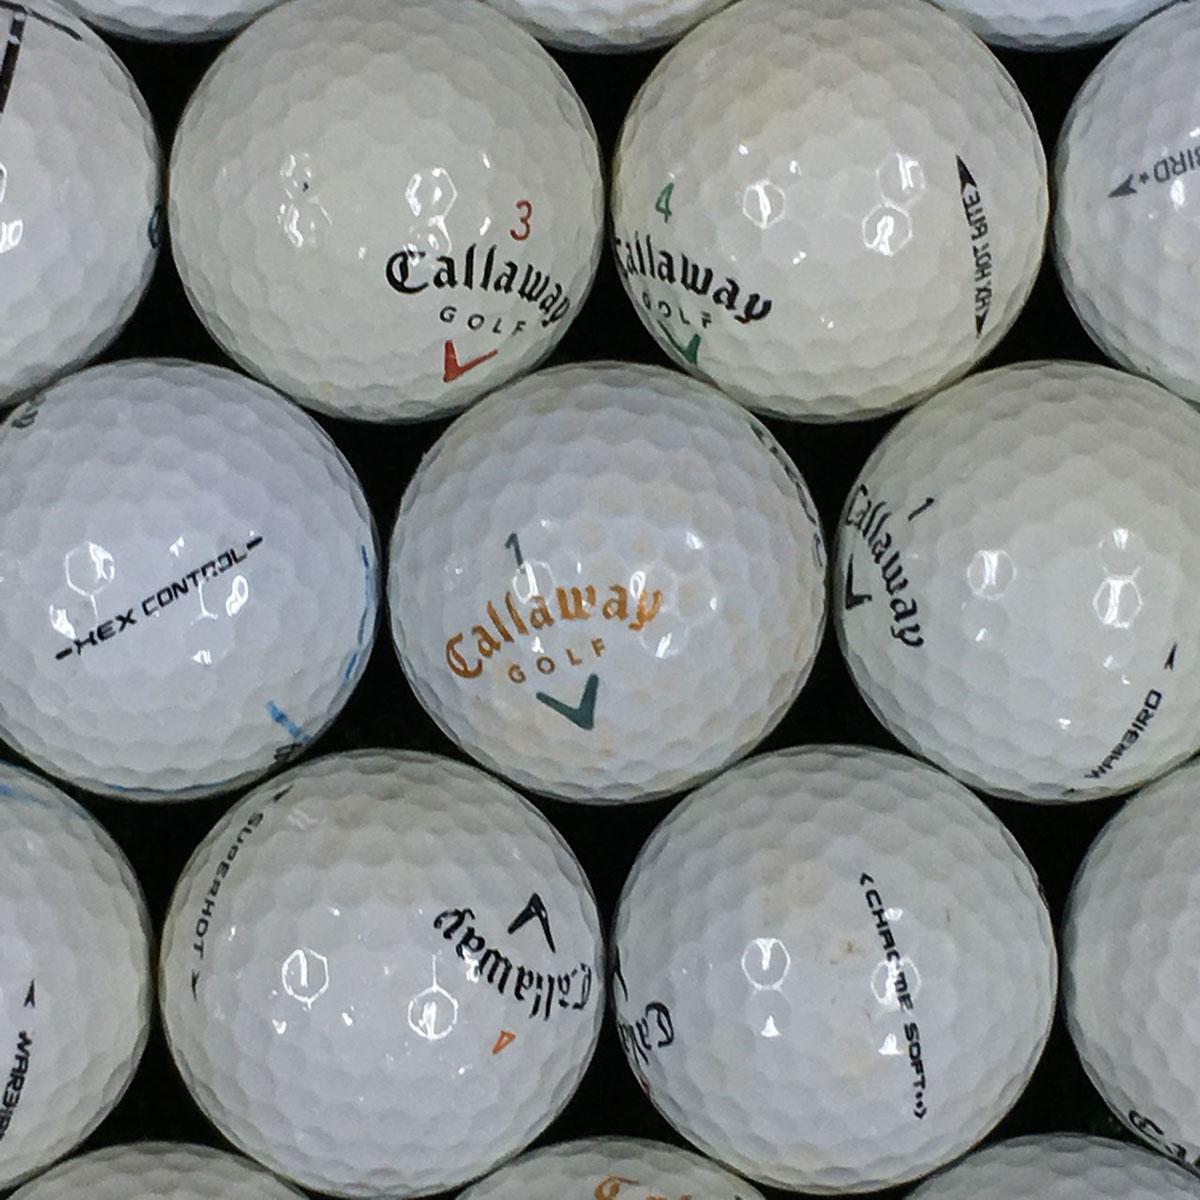 ロストボール Lost Ball キャロウェイ 銘柄混合 練習用ボール 500個セット[ロストボール Lost Ball 中古 ゴルフボール ゴルフ小物 ダース ケース まとめ買い ついで買い 即納 あす楽]